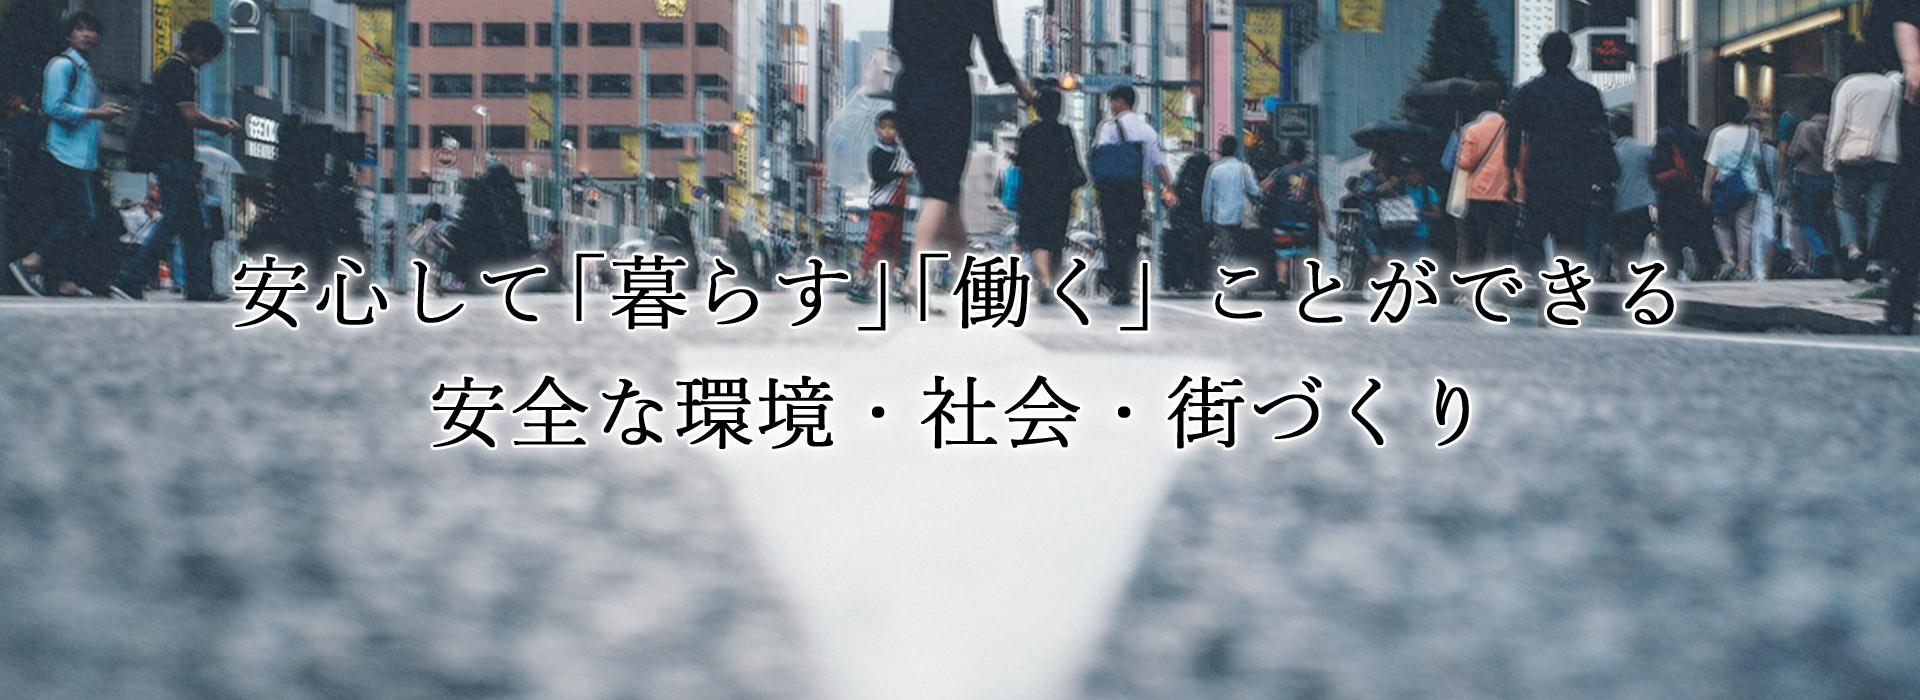 安心して「暮らす」「働く」ことができる安全な環境・社会・街づくり